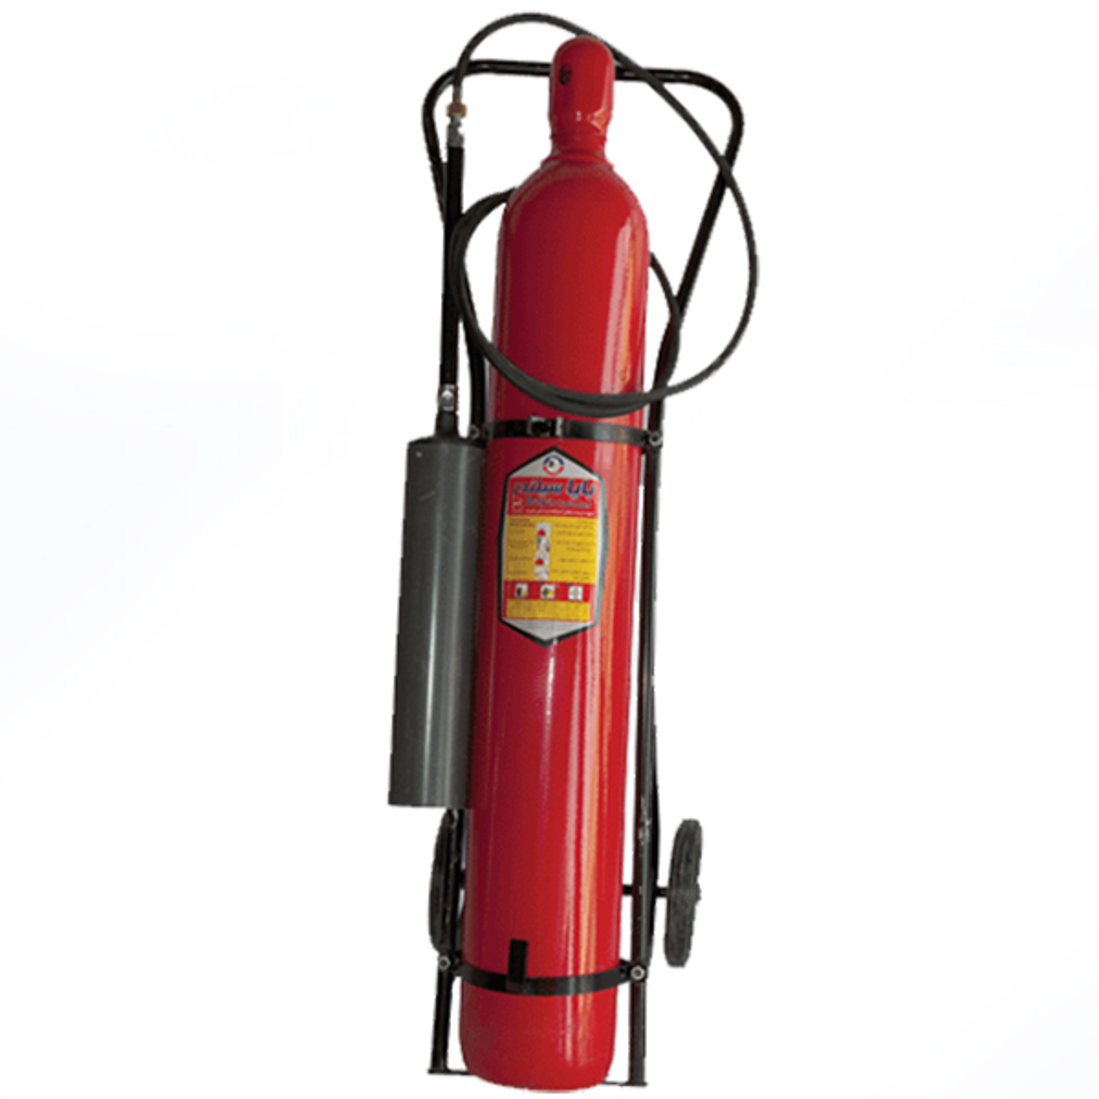 مراحل تولید شیر کپسول های آتش نشانی و مواد لازم برای تهیه آن چگونه است؟